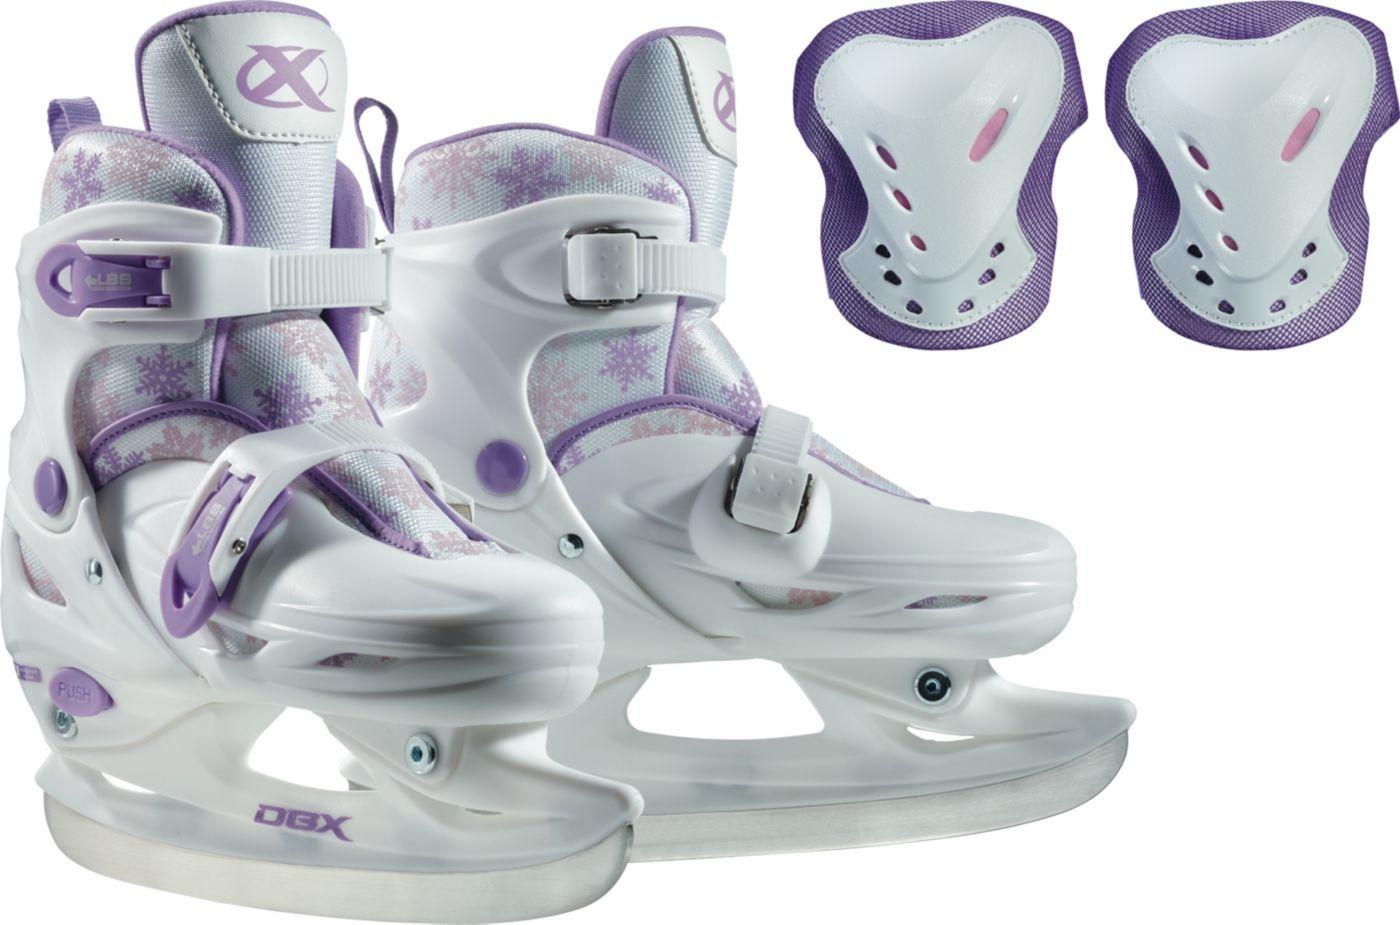 DBX Girls' Adjustable Skates Package